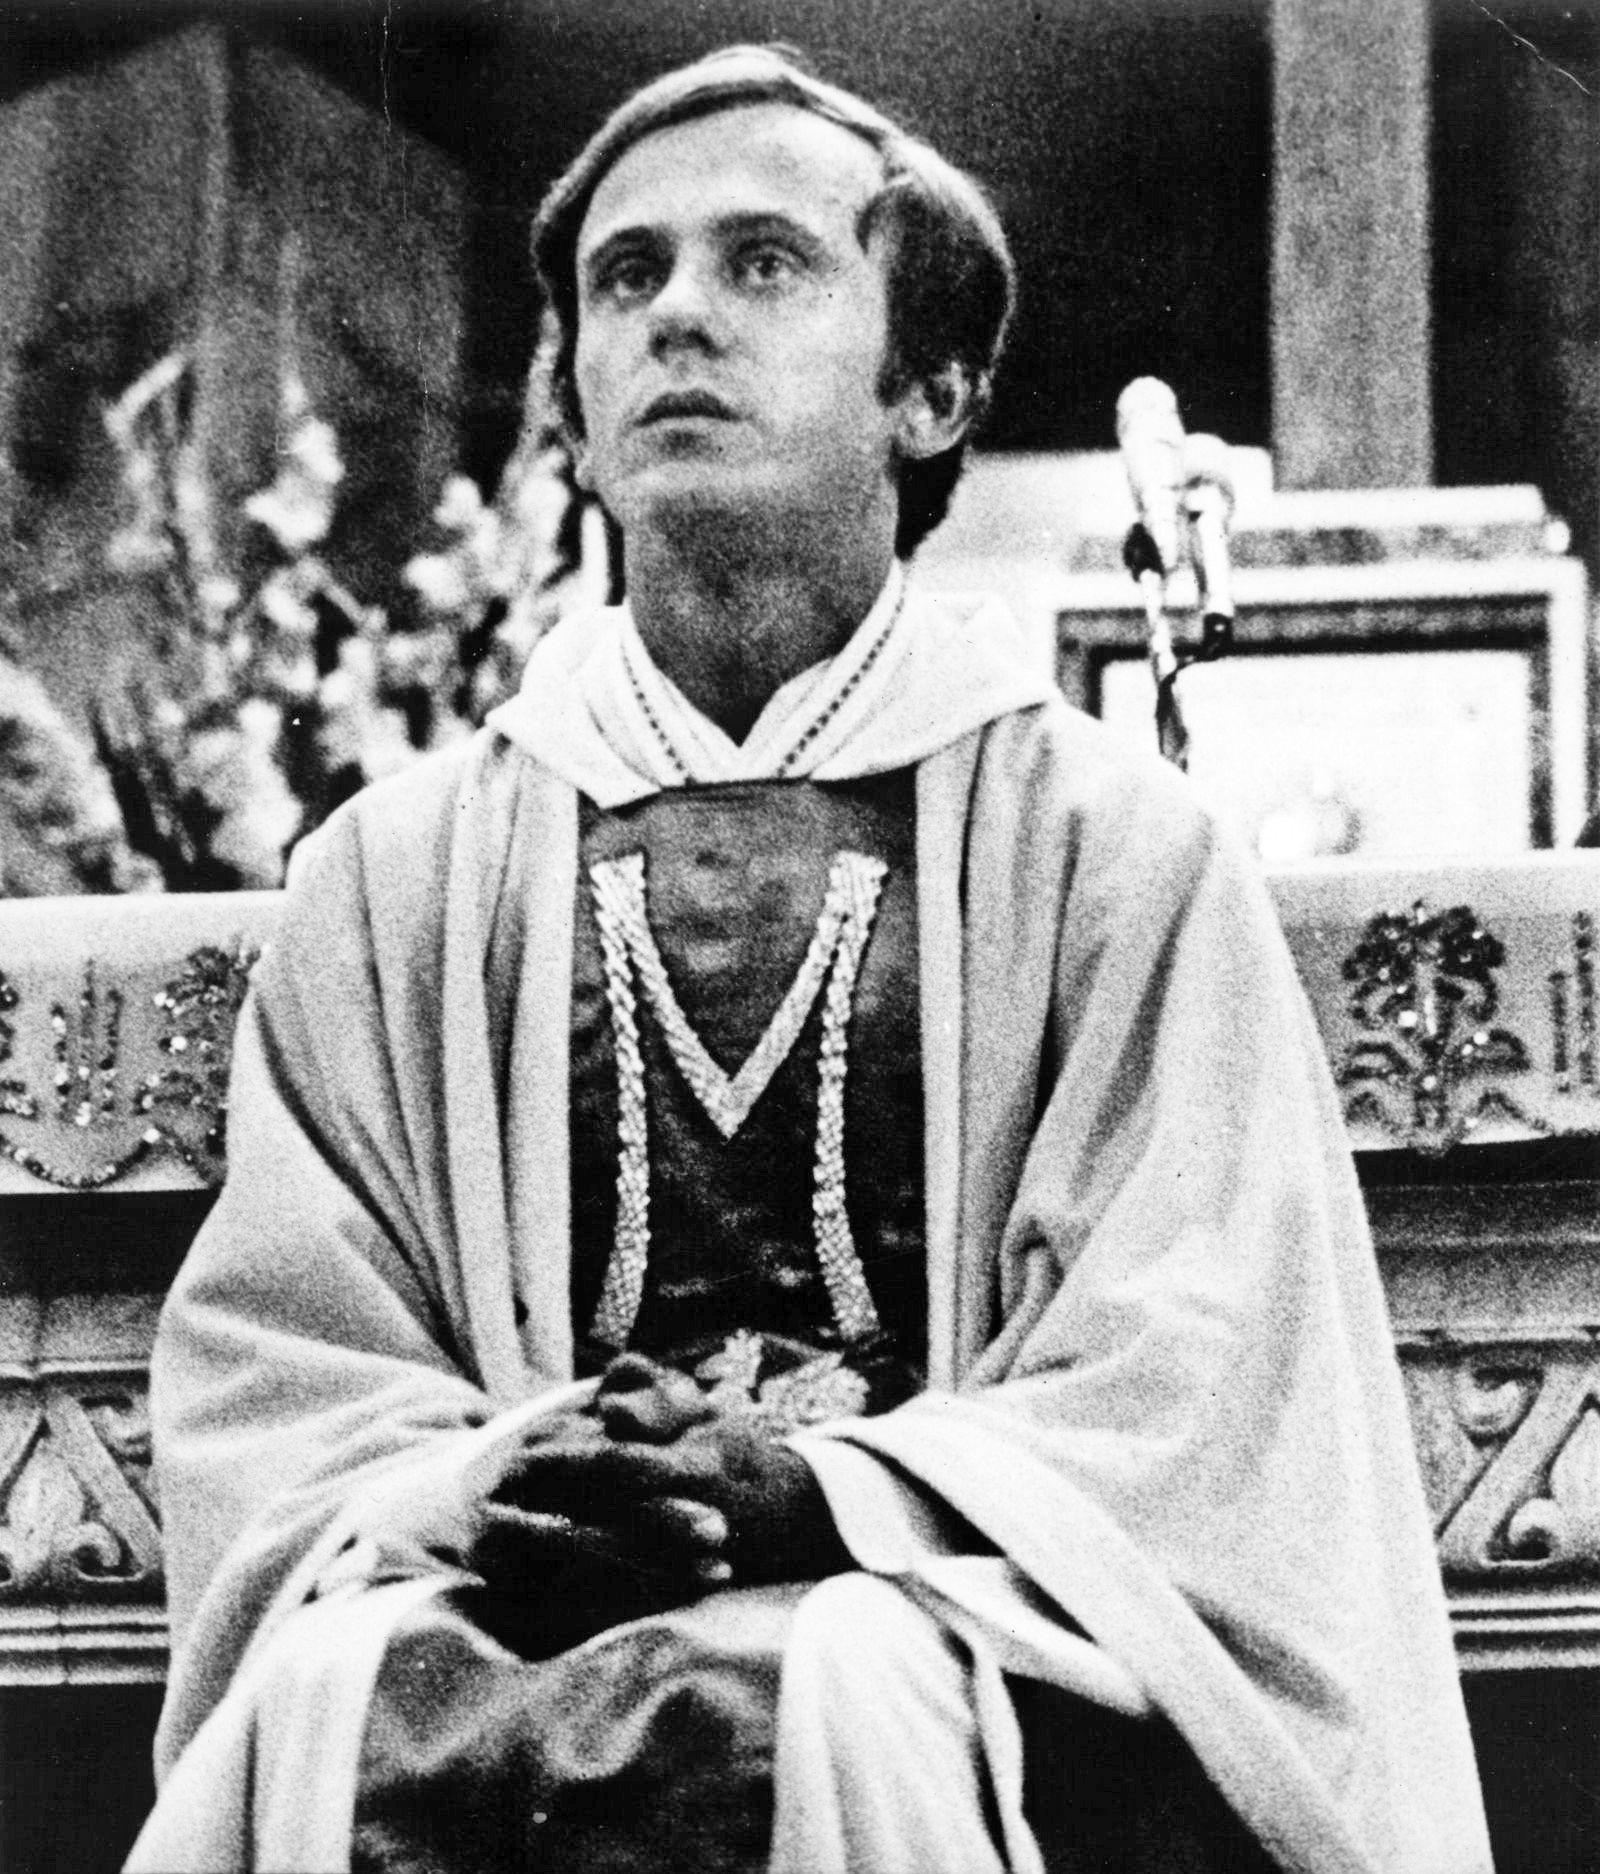 Śmierć księdza Jerzego Popiełuszki wywołała w społeczeństwie wstrząs. To najgłośniejszy, ale nie jedyny przypadek zamordowania osoby duchownej przez służby bezpieczeństwa Polski Ludowej.